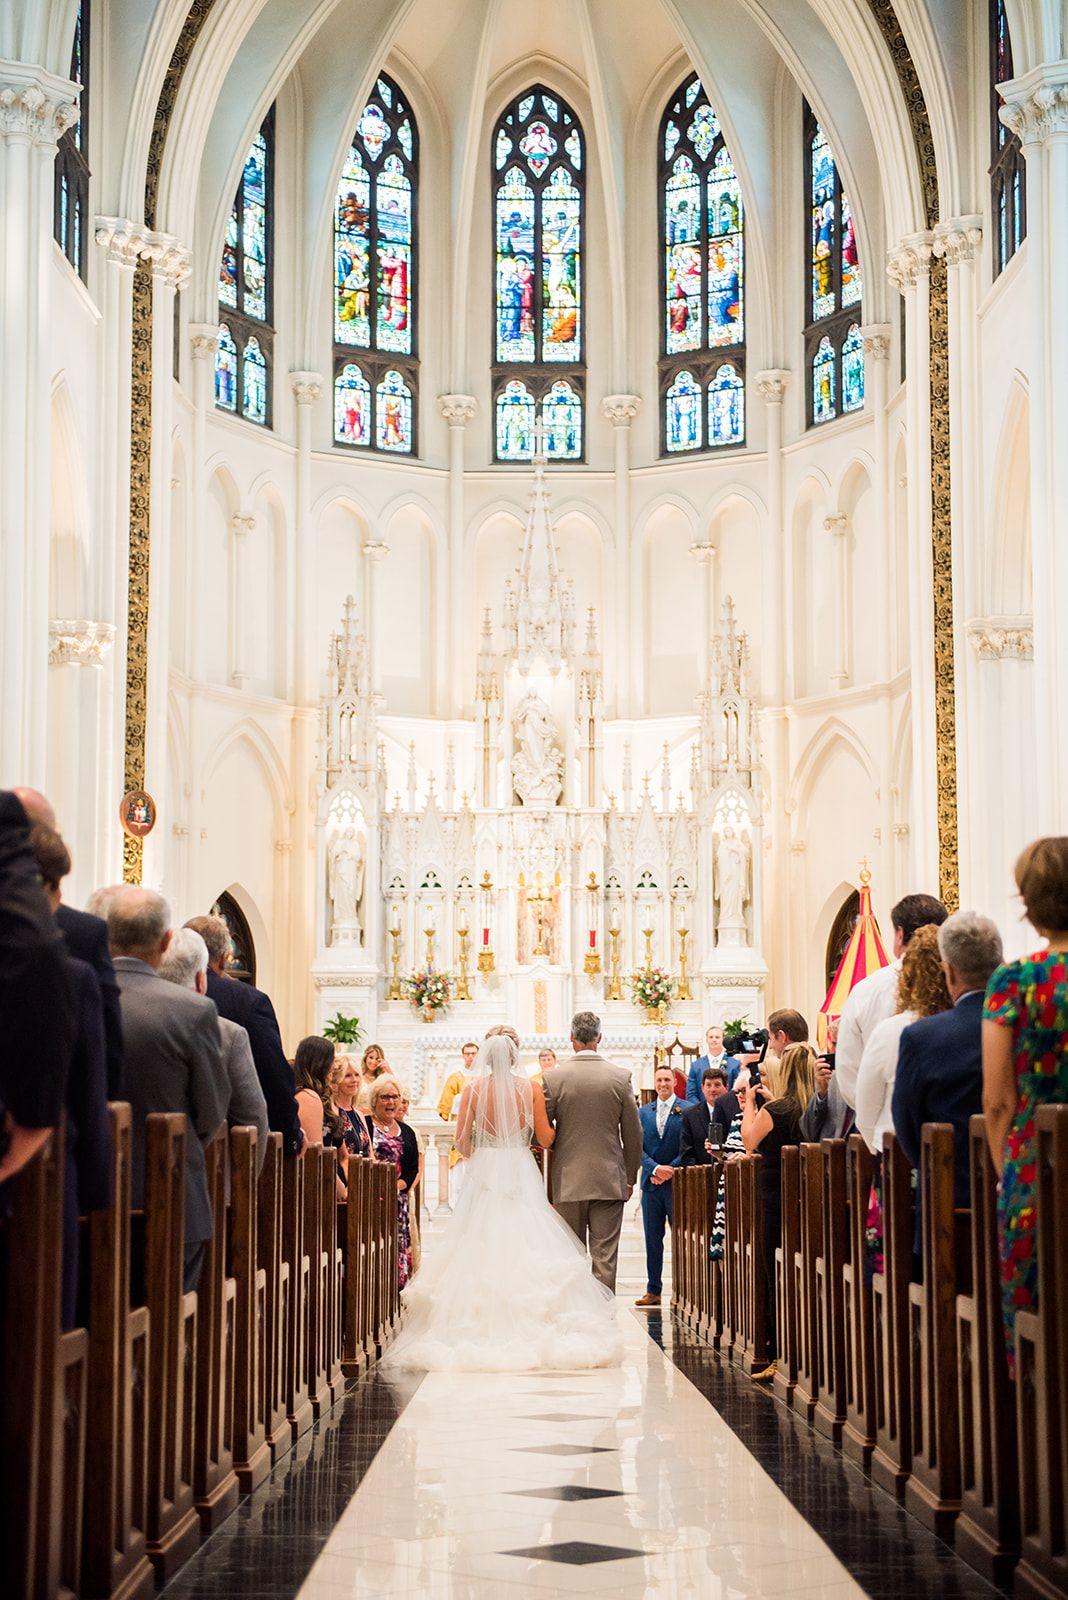 Denver Catholic wedding Catholic wedding, Wedding, Catholic